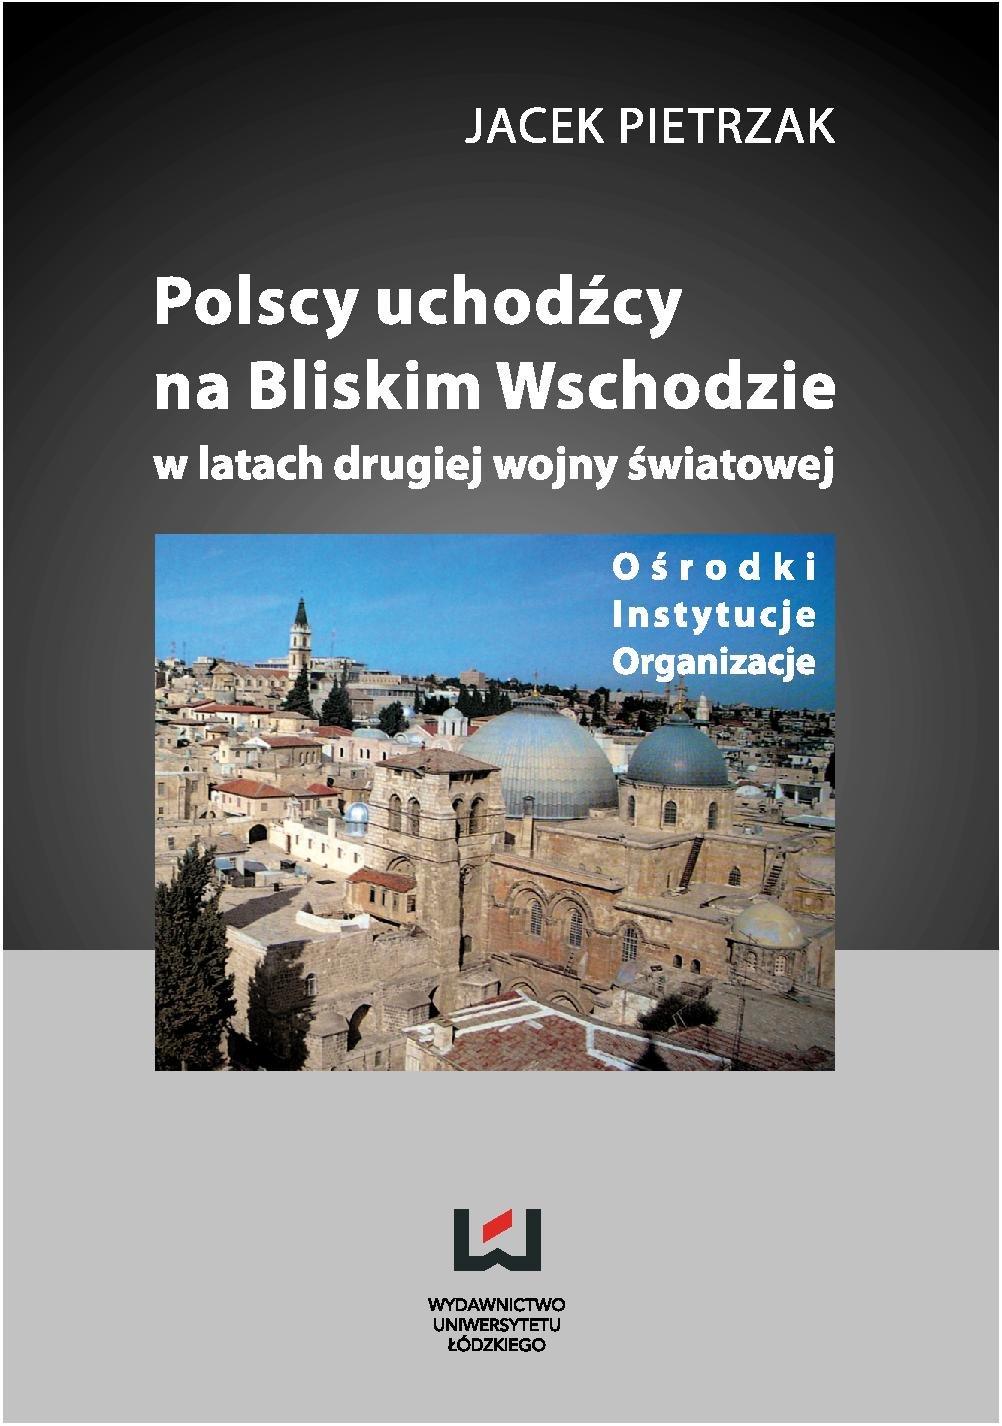 Polscy uchodźcy na Bliskim Wschodzie w latach II wojny światowej. Ośrodki, instytucje, organizacje - Ebook (Książka PDF) do pobrania w formacie PDF